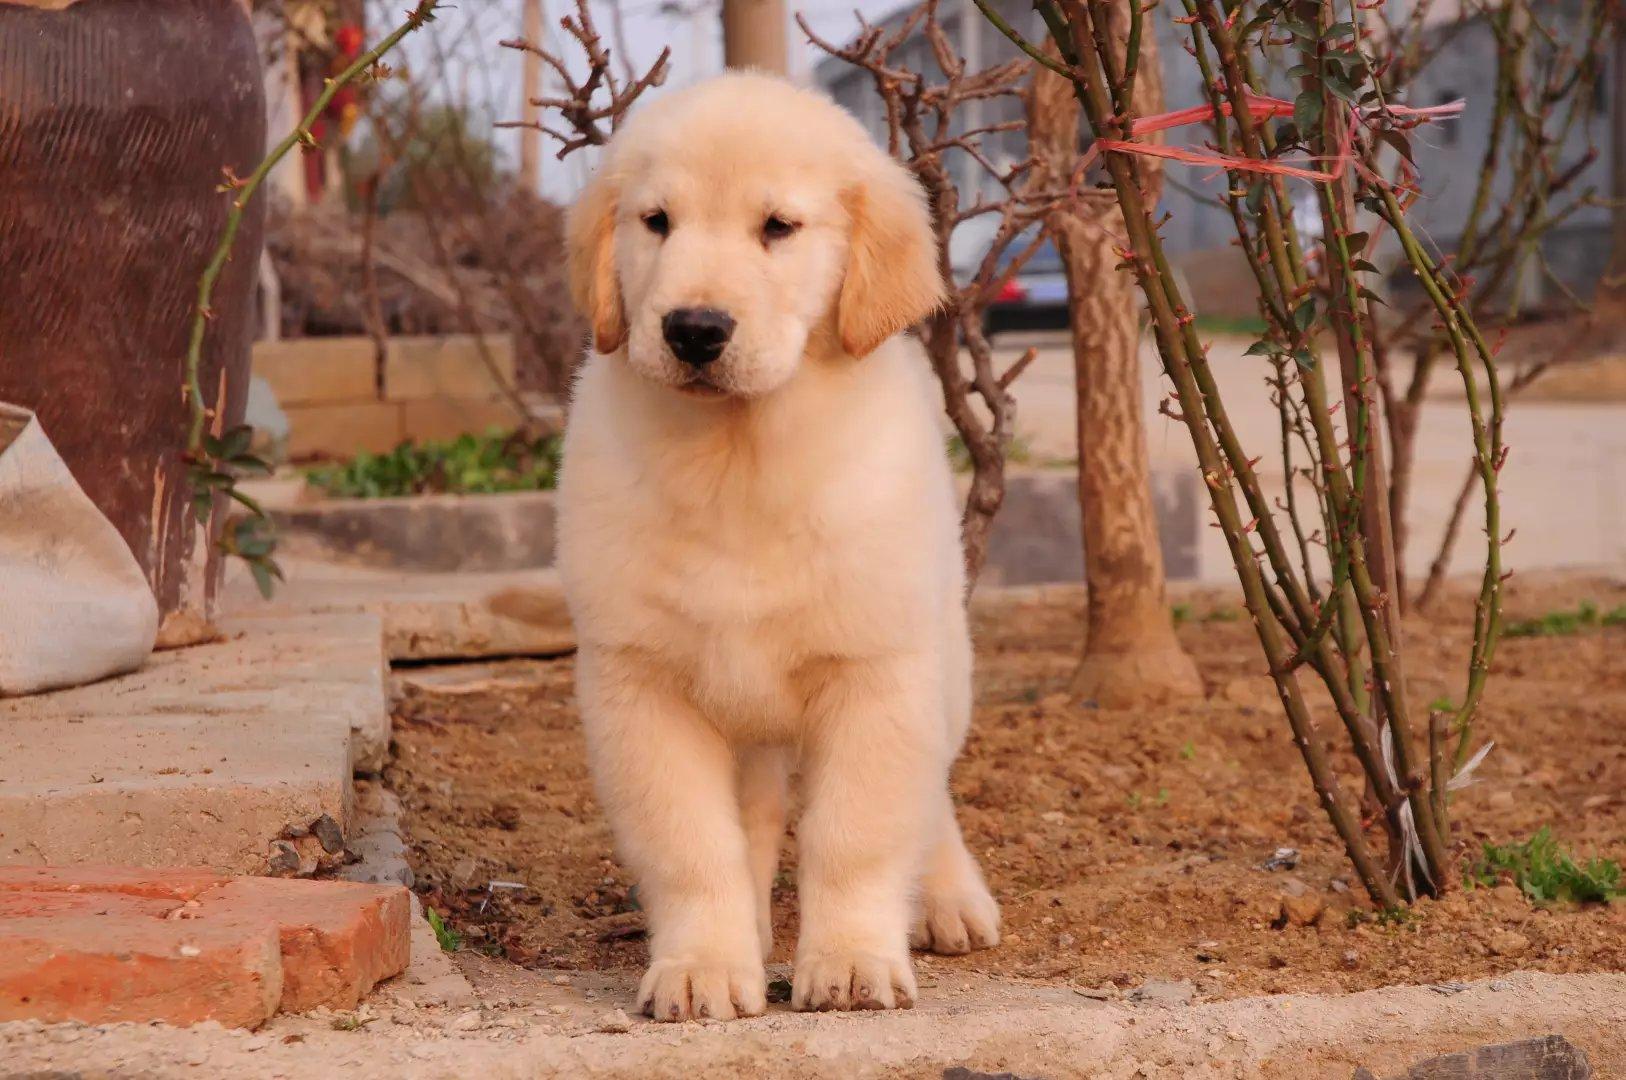 完美的你,身边还差一只金毛犬来相伴,从此不再孤单